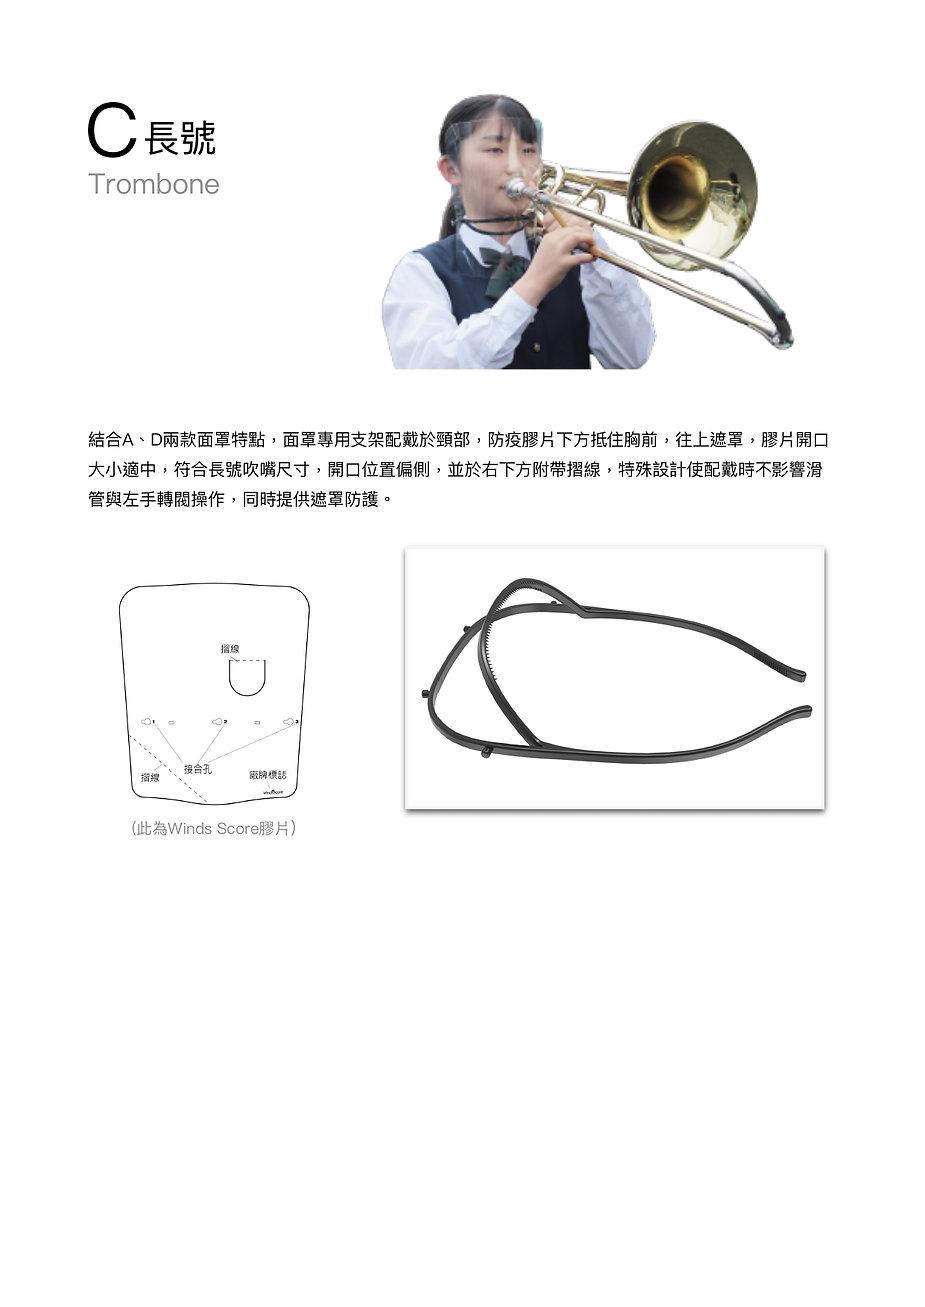 卡穠 - 演奏(唱)專用面罩_page-0004.jpg